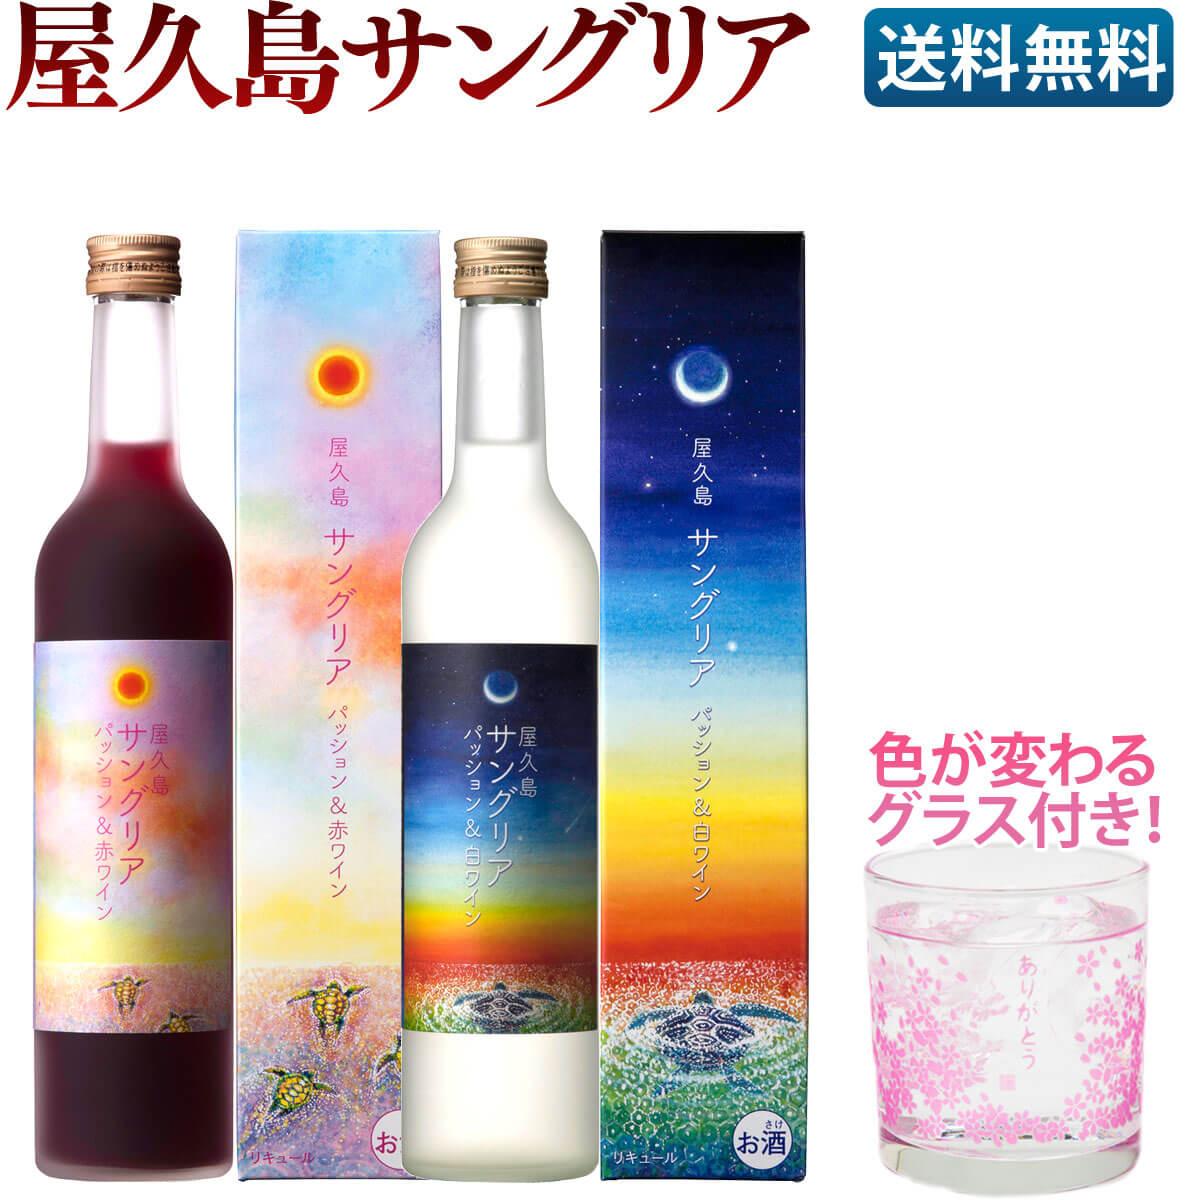 屋久島パッション 赤&白ワイン 2本セット